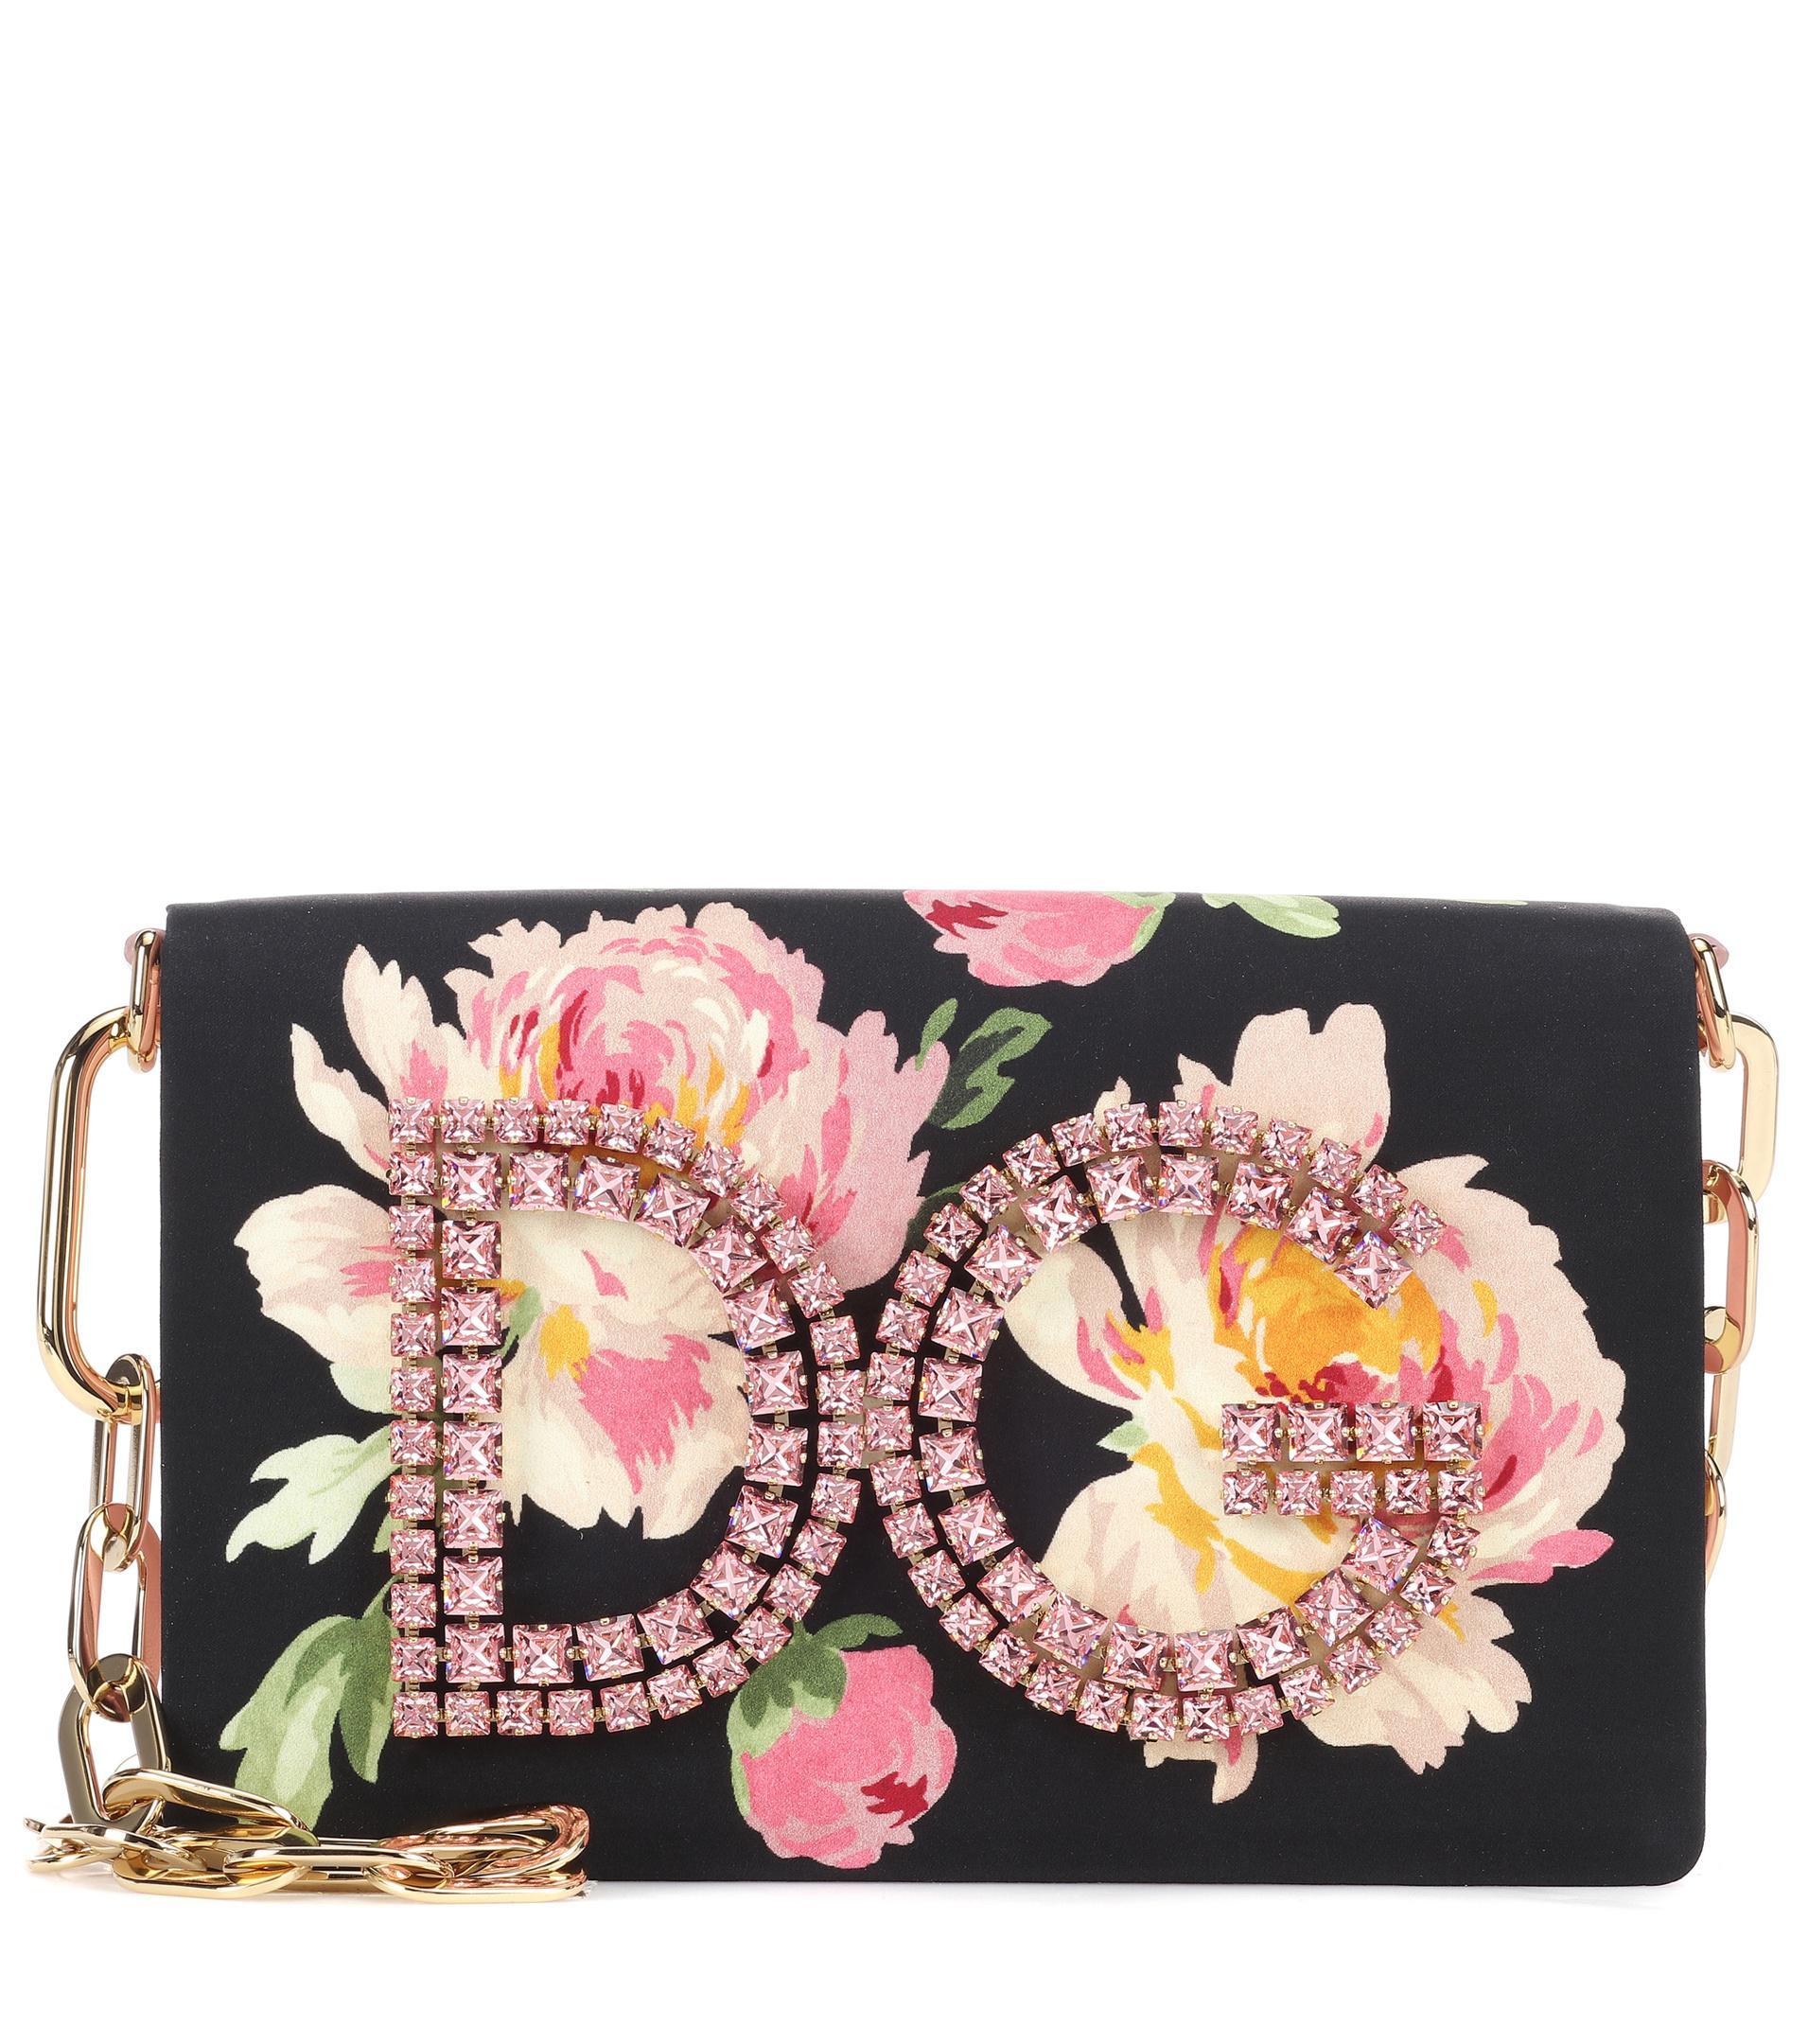 66f7c607c15 ... Sicily and Minis  finest selection 29a92 97192 Dolce Gabbana - Pink Dg  Girls Embellished Shoulder Bag - Lyst ...